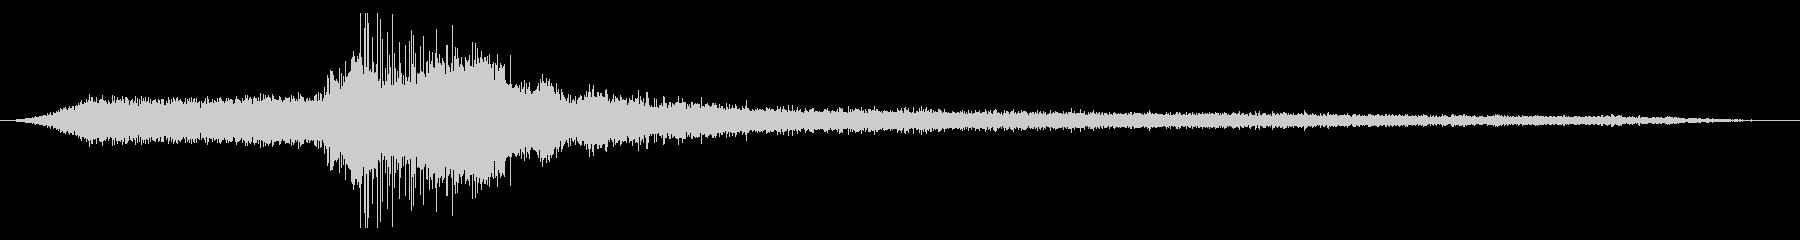 内線:アイドル、低速ですぐに引き離...の未再生の波形